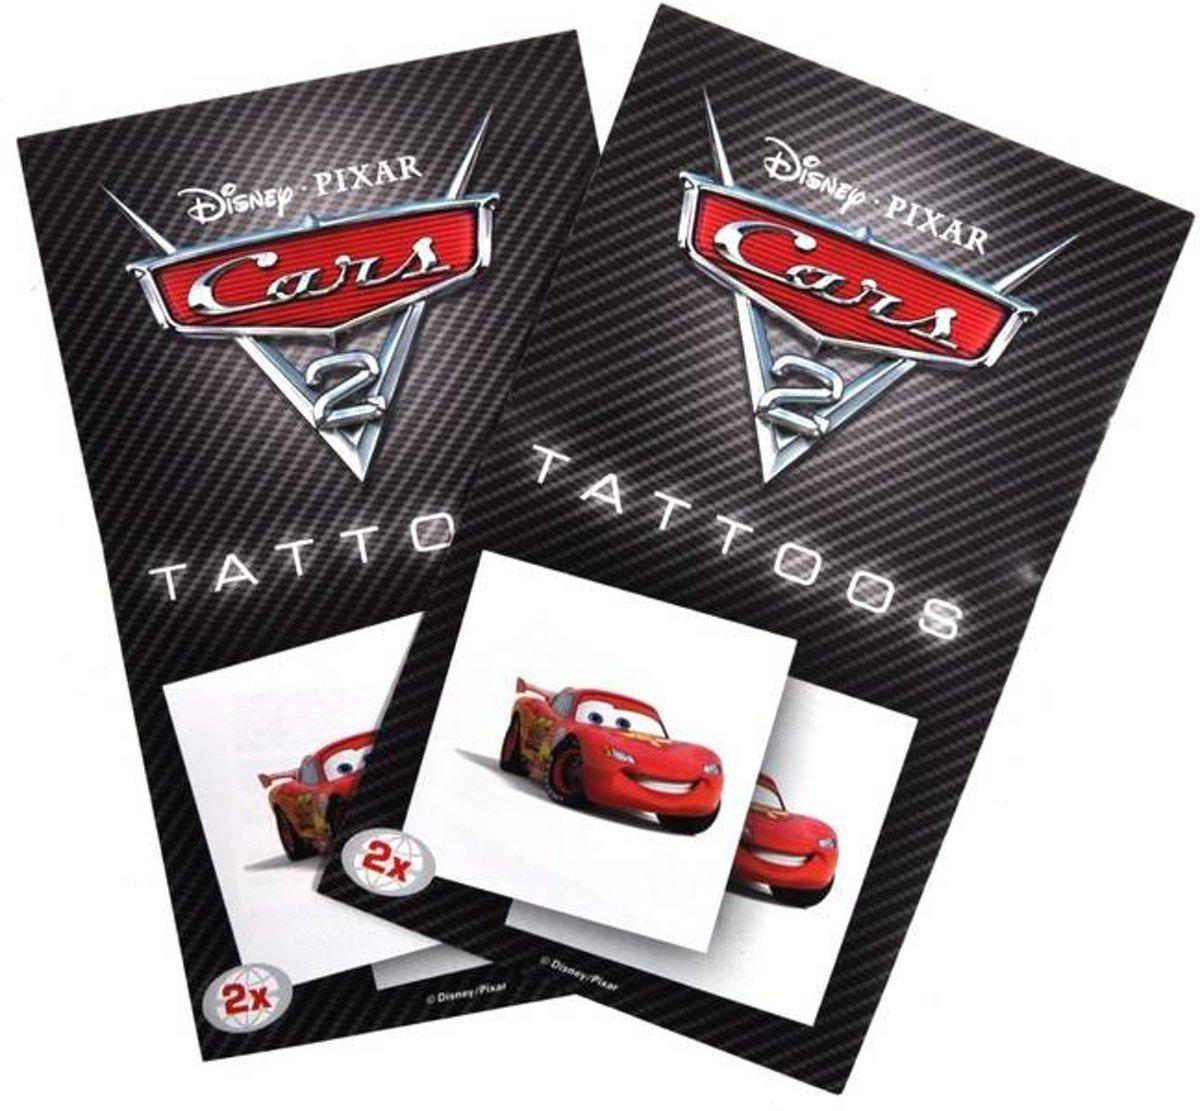 Disney Cars tattoo stickers (8 Stuks)